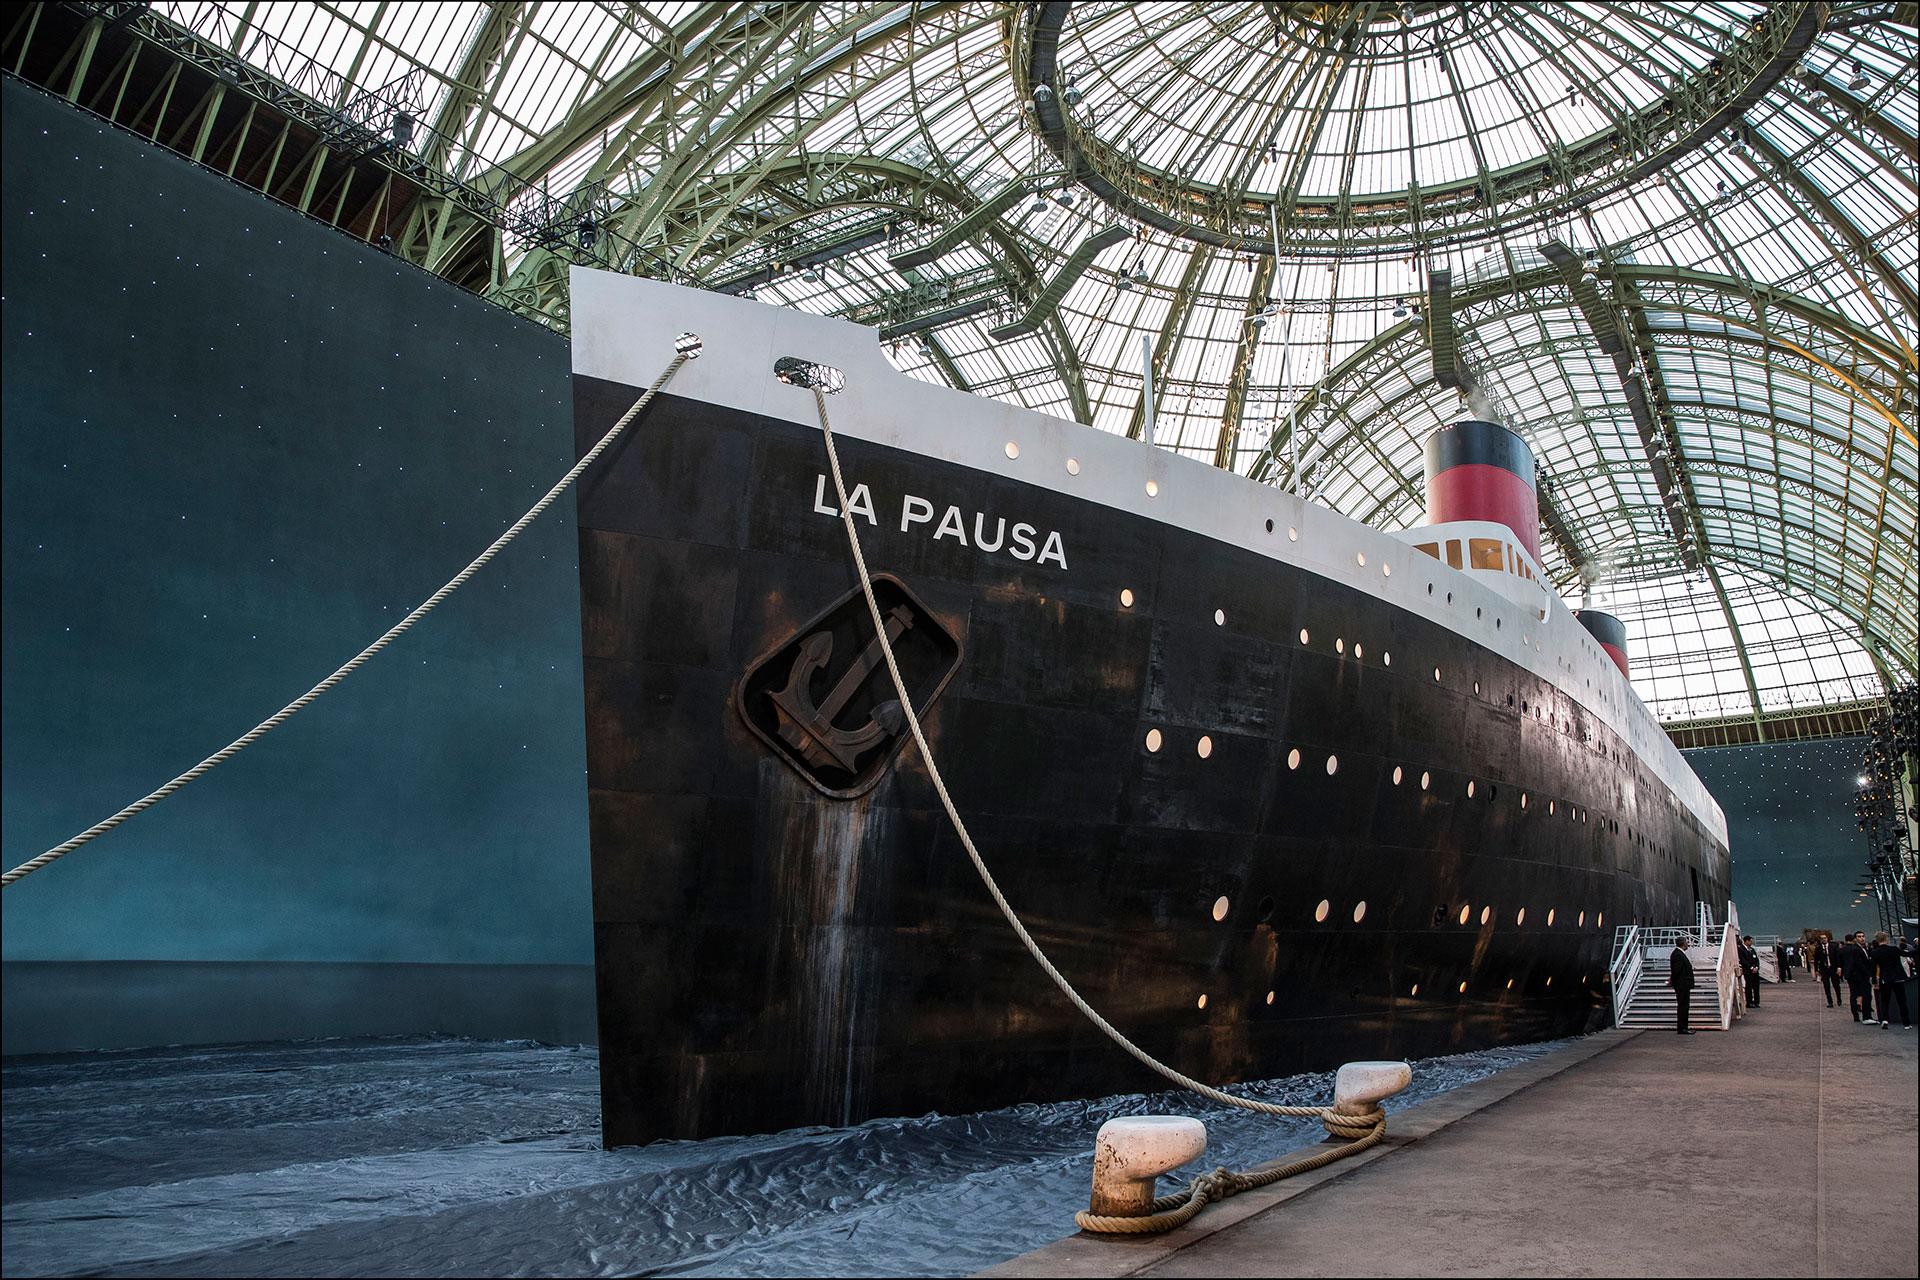 Siempre sorprende con sus escenografías. Esta vez, eligió montar un crucero dentro del Grand Palais. FOTONOTICIAS.